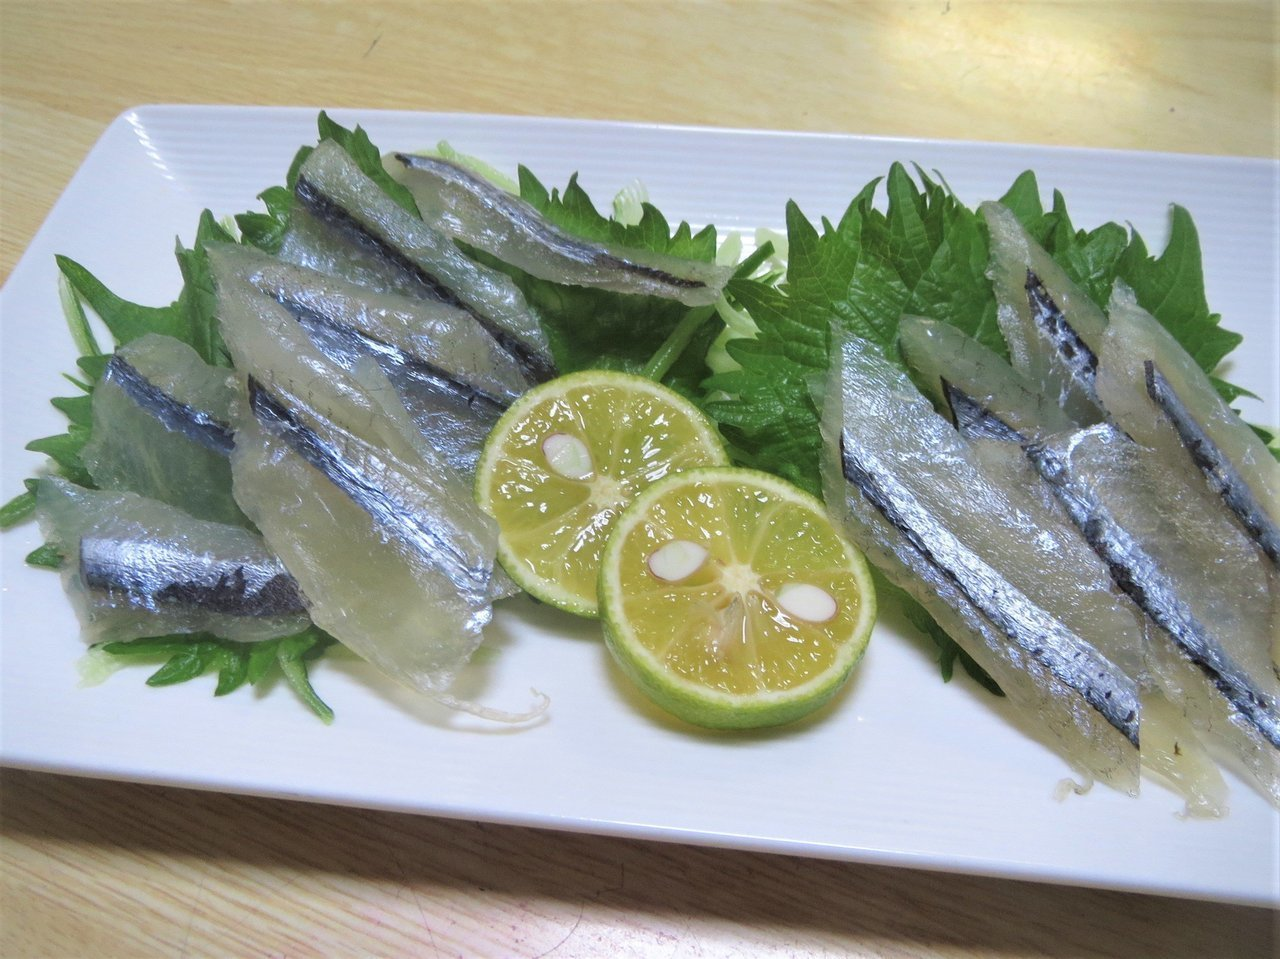 サヨリが釣れたら美味しく食べよう!サヨリのおすすめレシピ